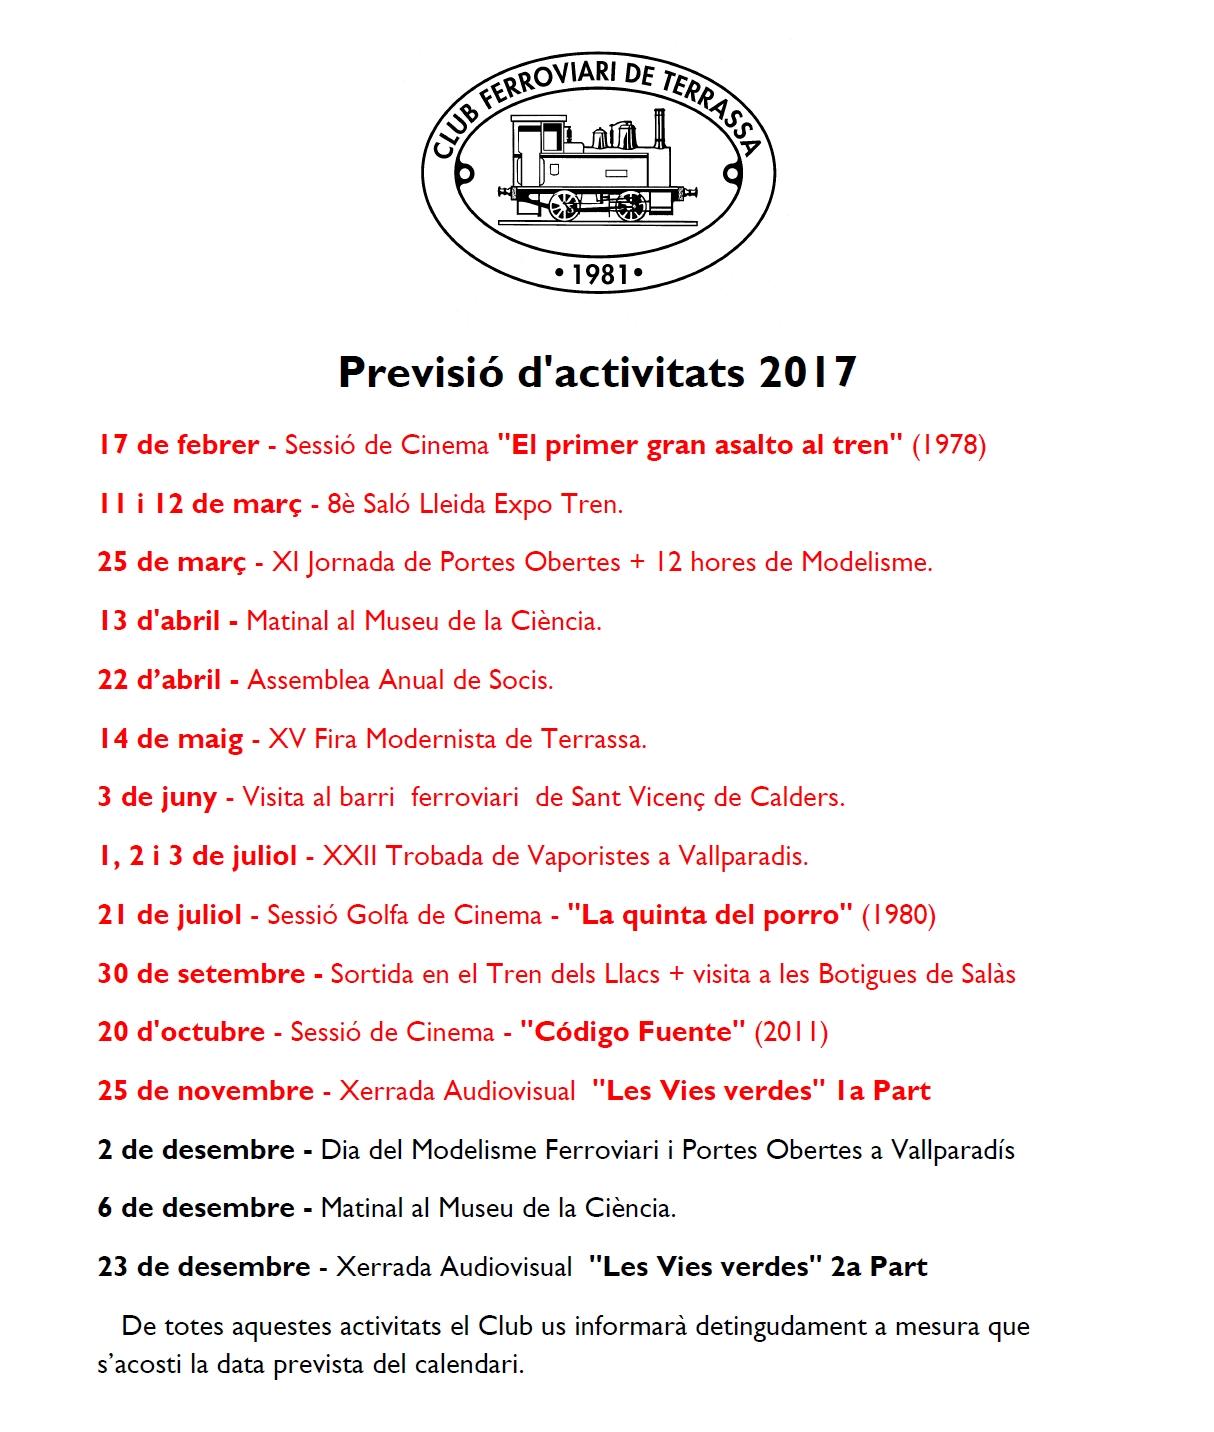 Actualització de la Previsió d'Activitats del Club Ferroviari de Terrassa. 26-NOV-2017